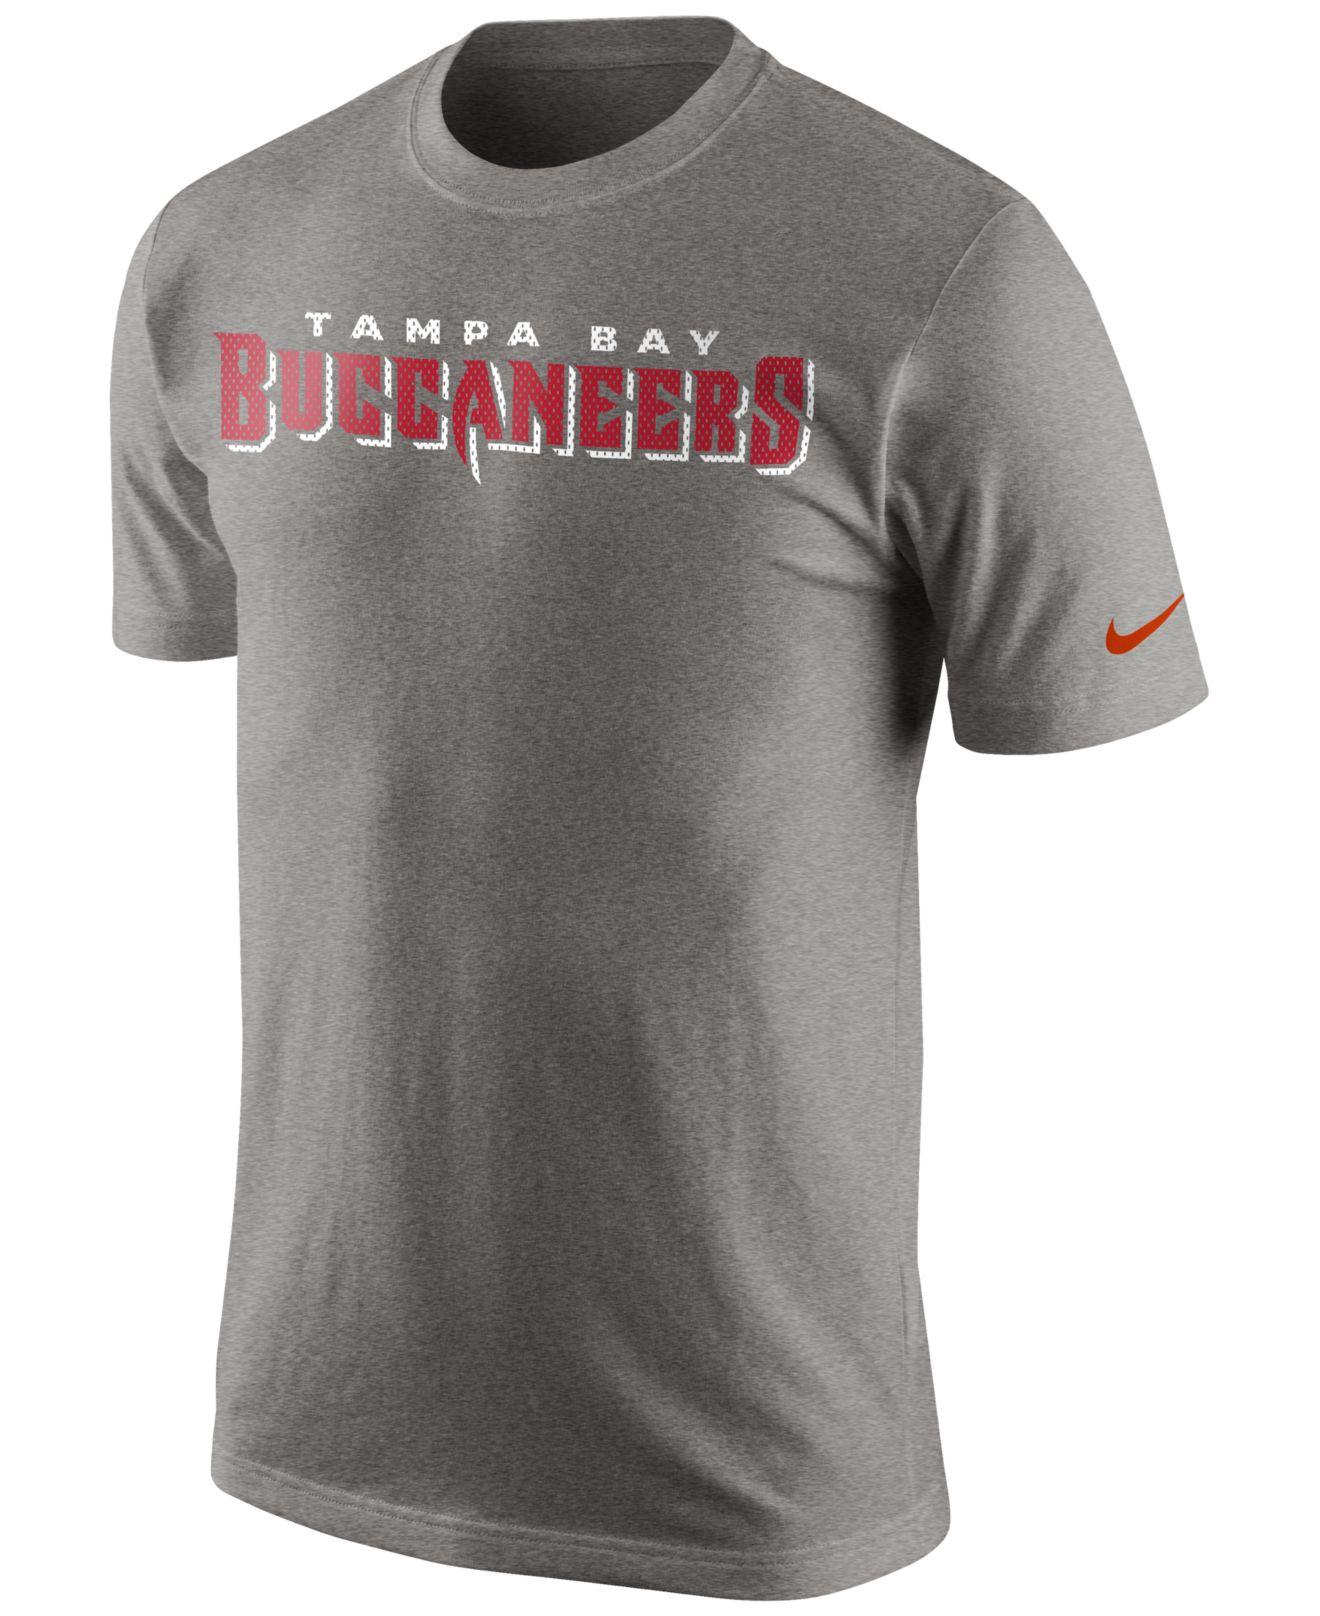 Nike Men S Tampa Bay Buccaneers Mesh Wordmark T Shirt In Gray For Men Lyst